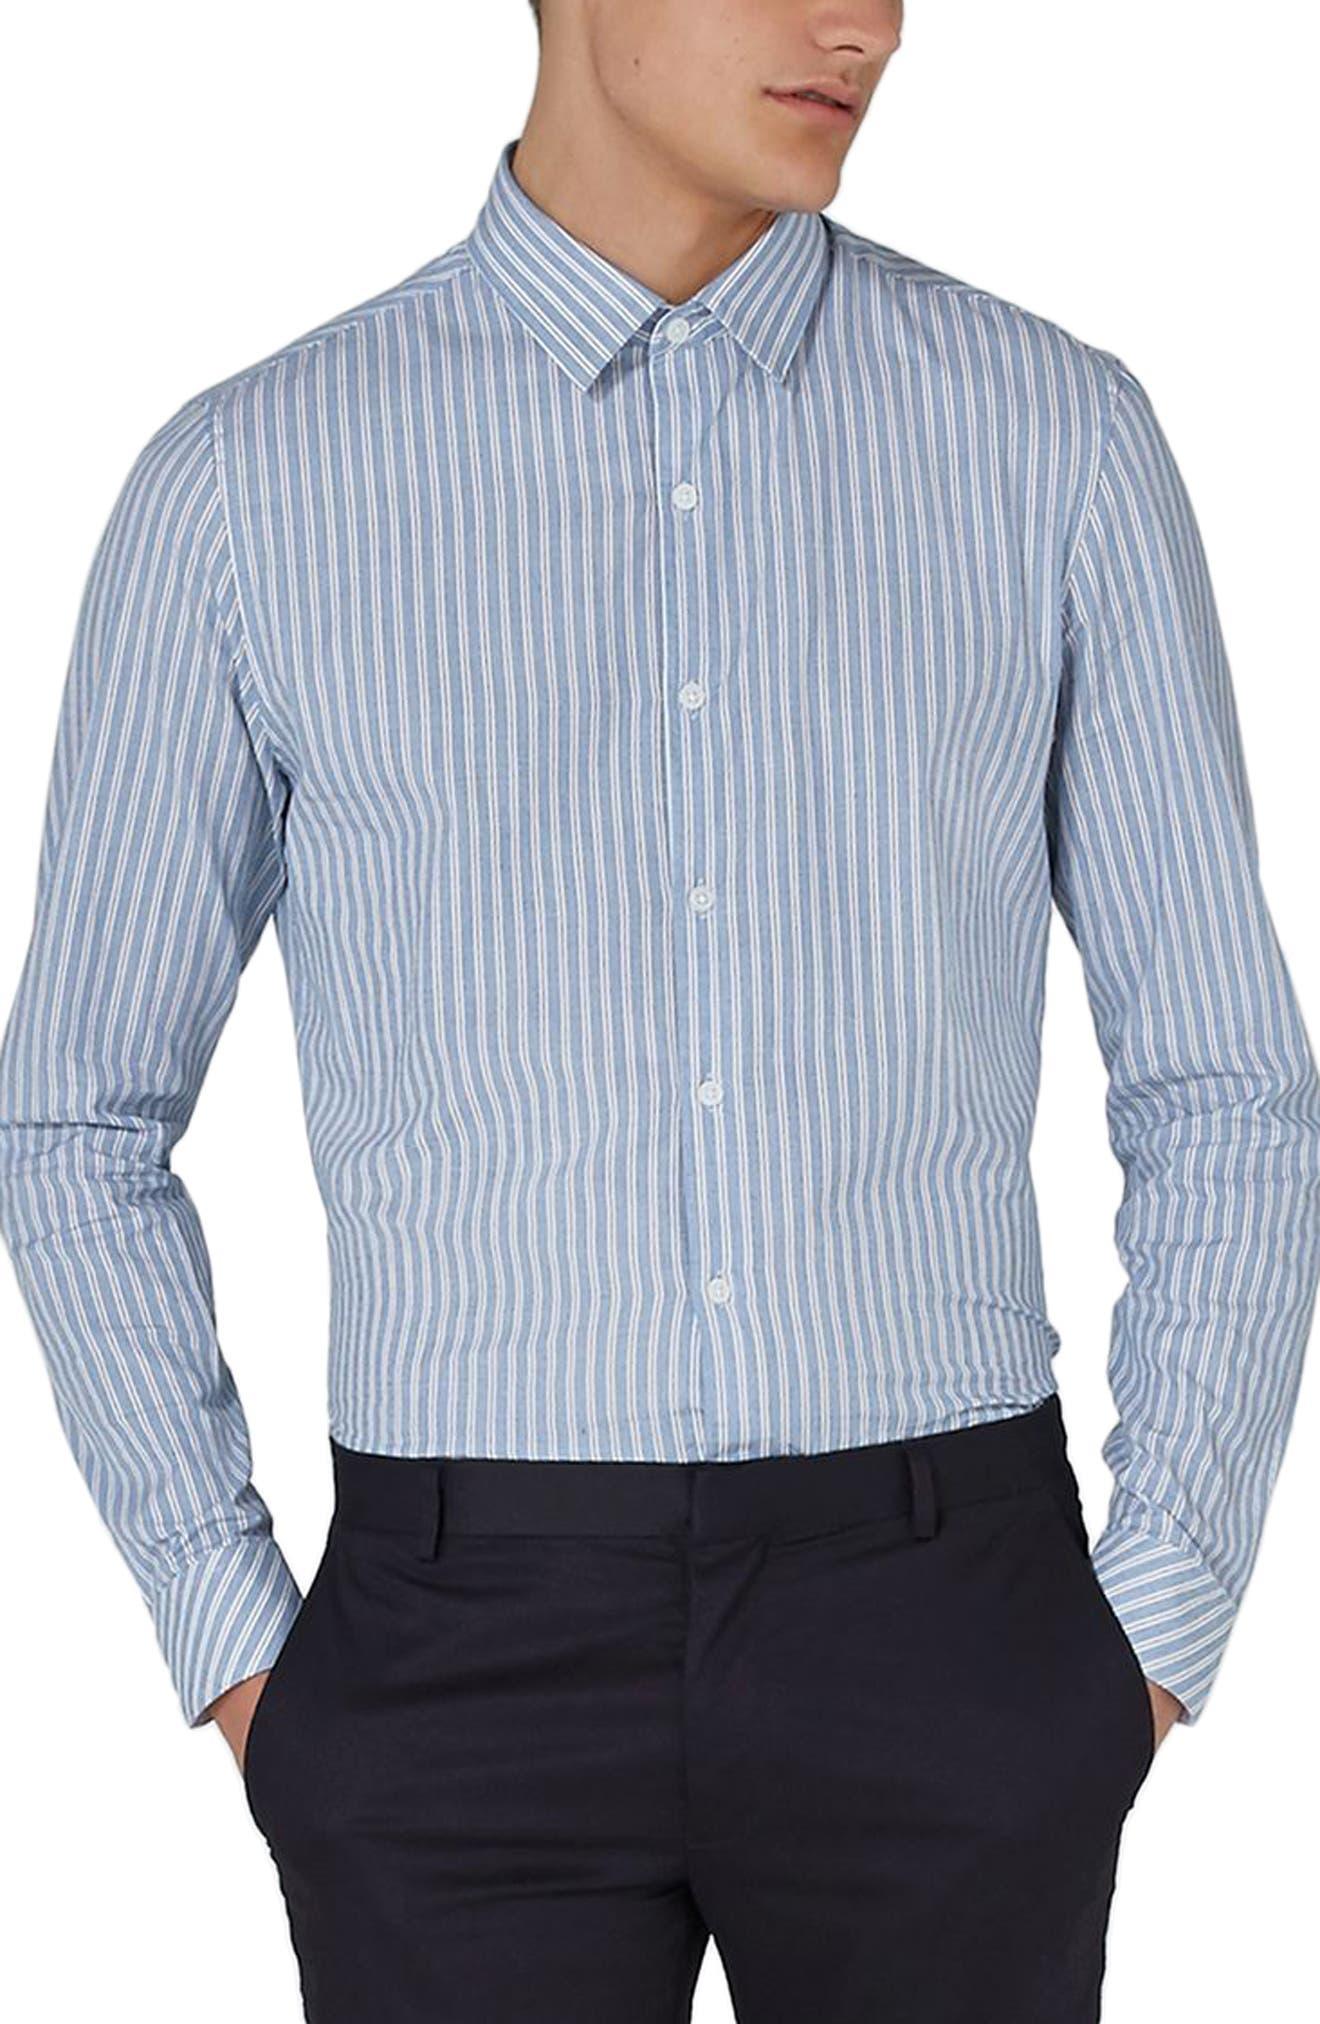 Classic Fit Stripe Smart Shirt,                         Main,                         color, BLUE MULTI